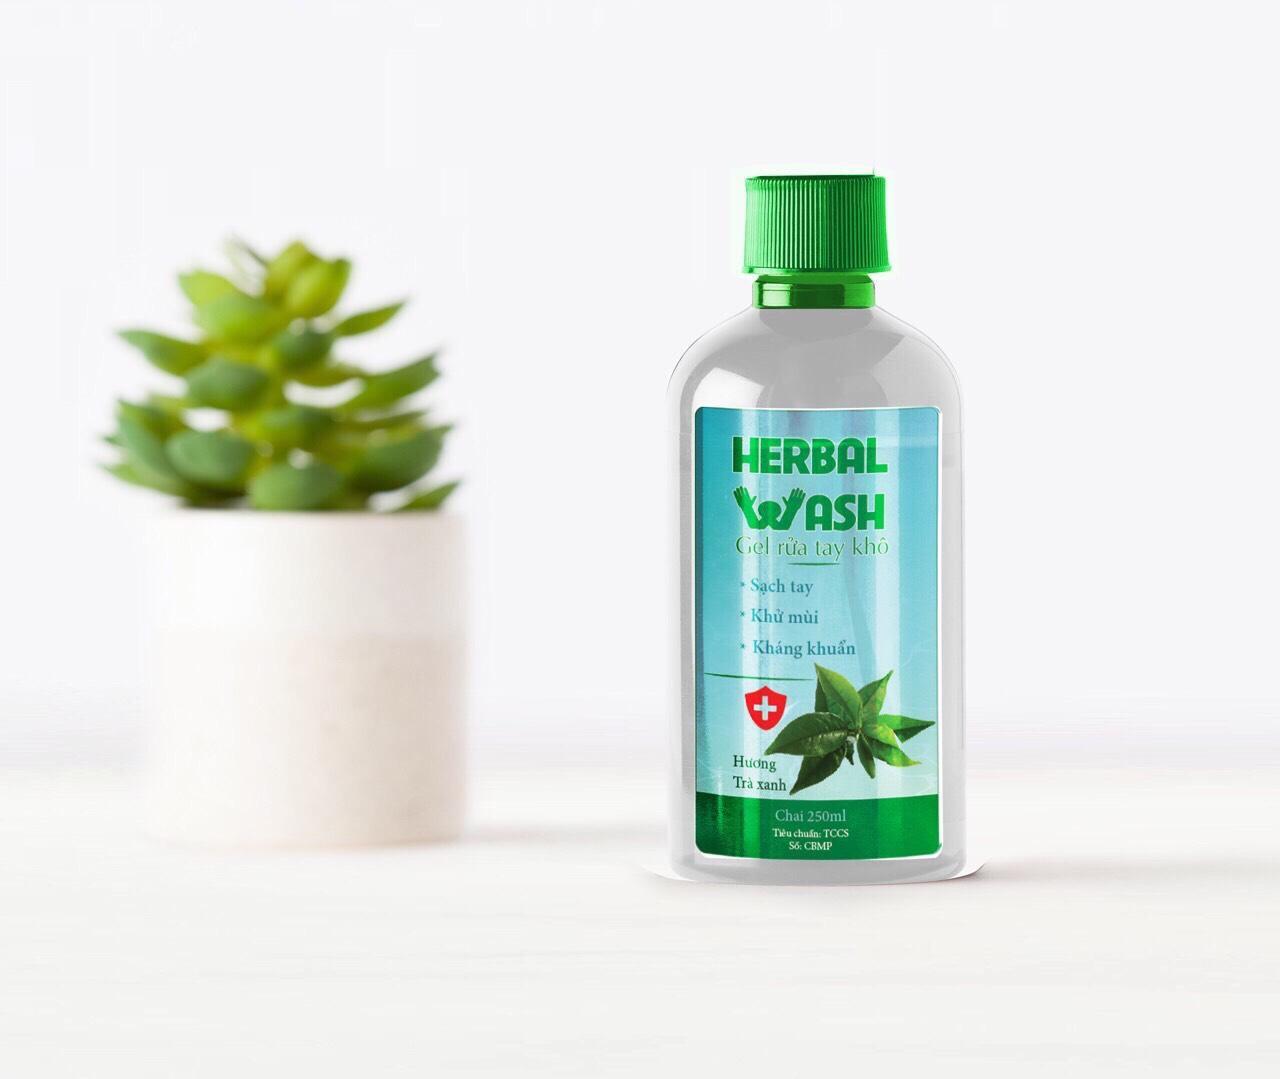 [SÁT KHUẨN] Gel/ nước rửa tay khô tinh dầu các loại, không cần rửa lại với nước. diệt khuẩn 99,9% cao cấp